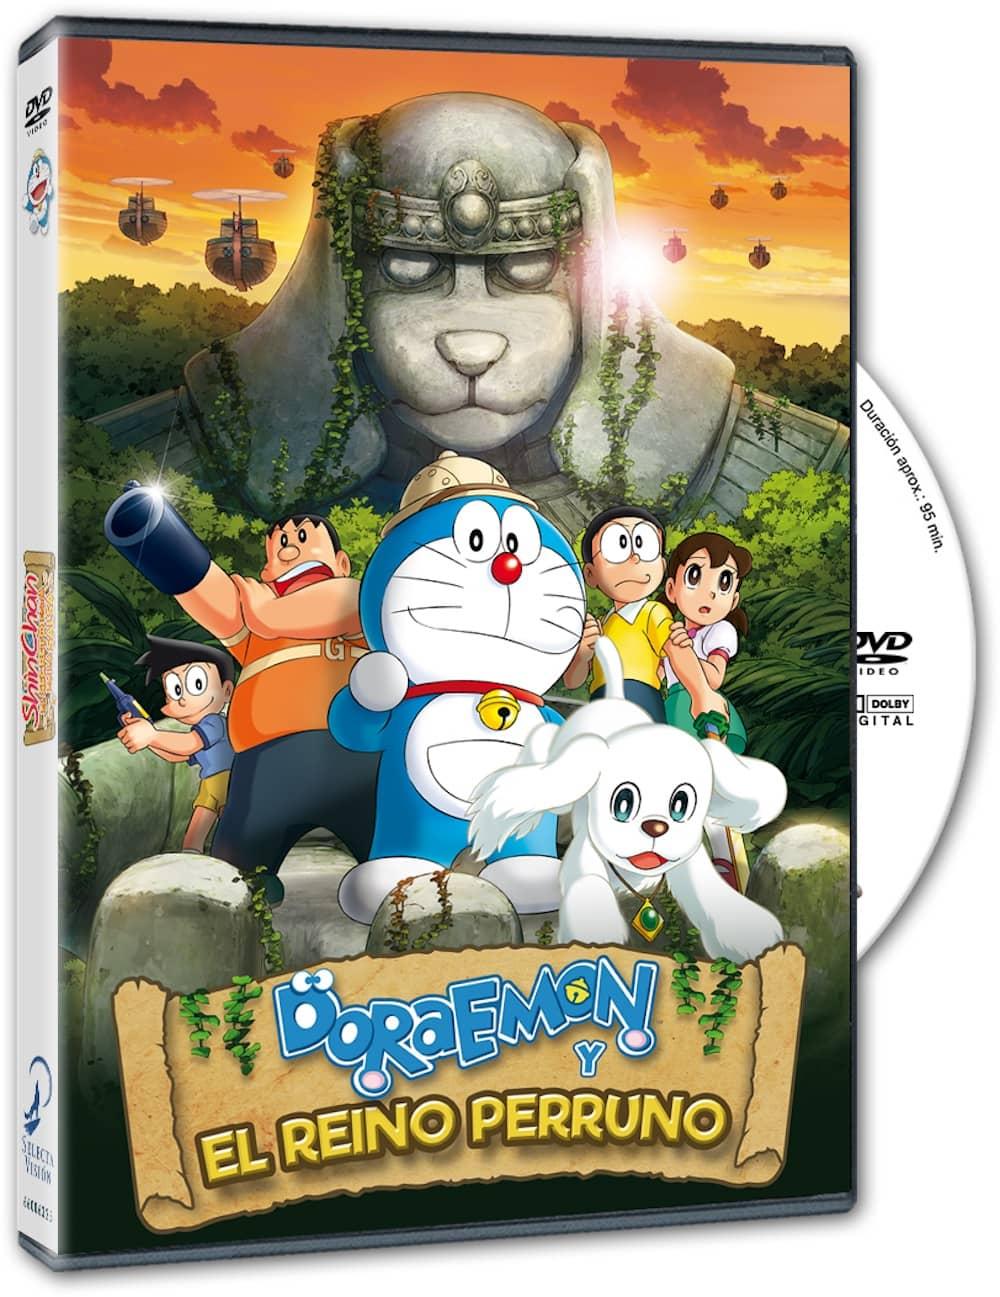 DORAEMON  Y EL REINO PERRUNO DVD